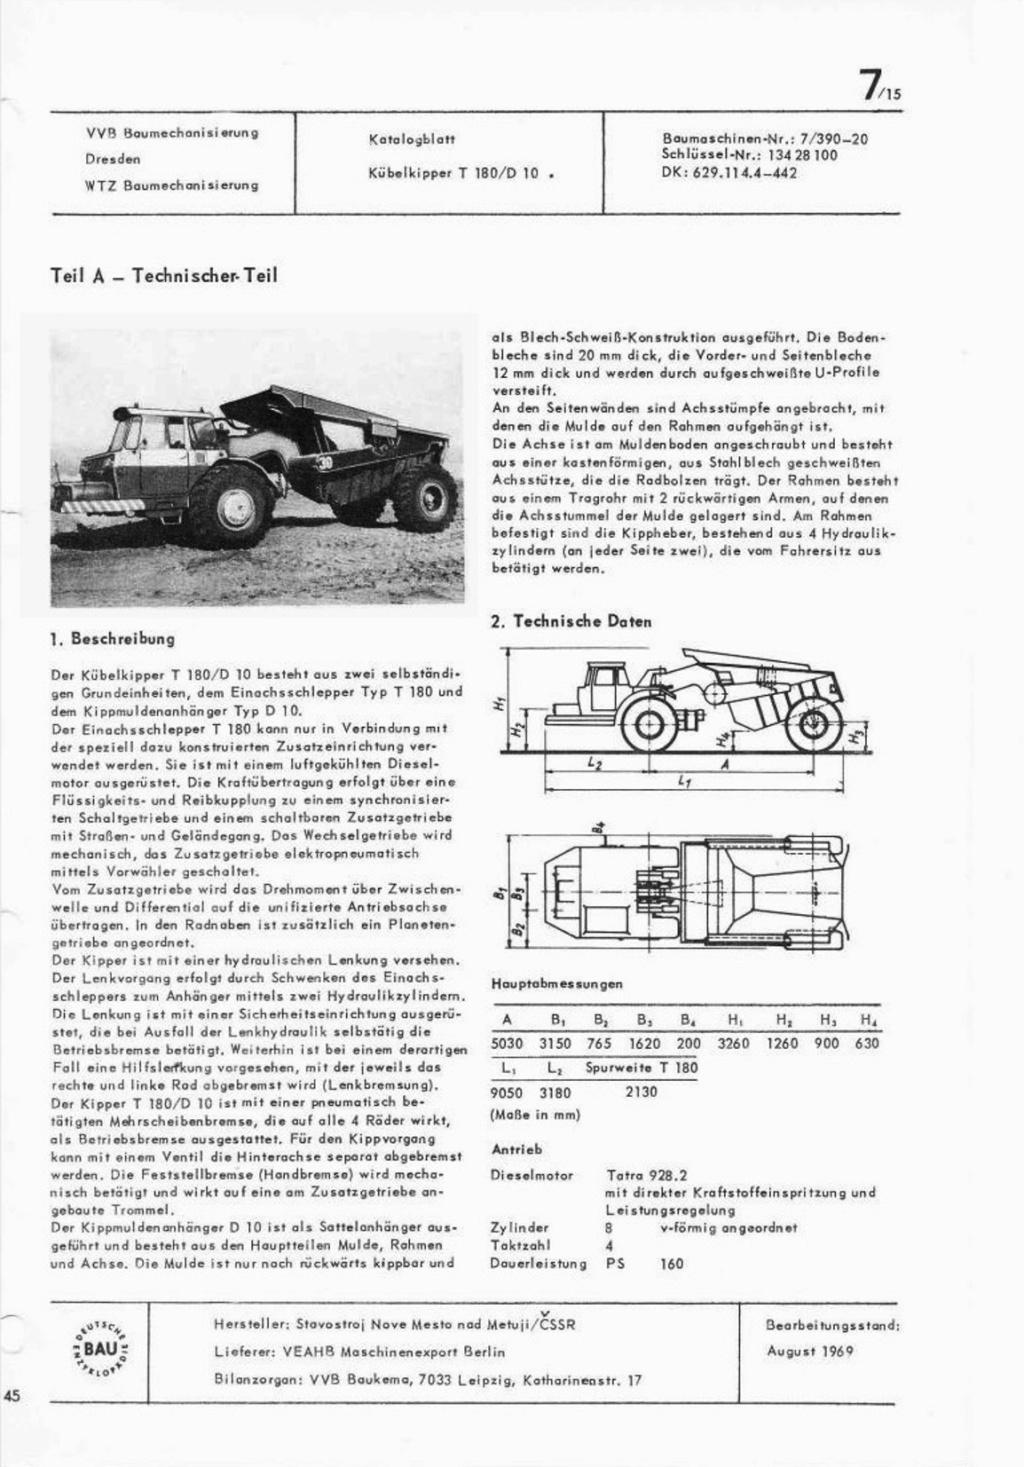 Stavostroj Einachsschlepper T180/D10 Kübelkipper und T180/S10 Scraper 2017